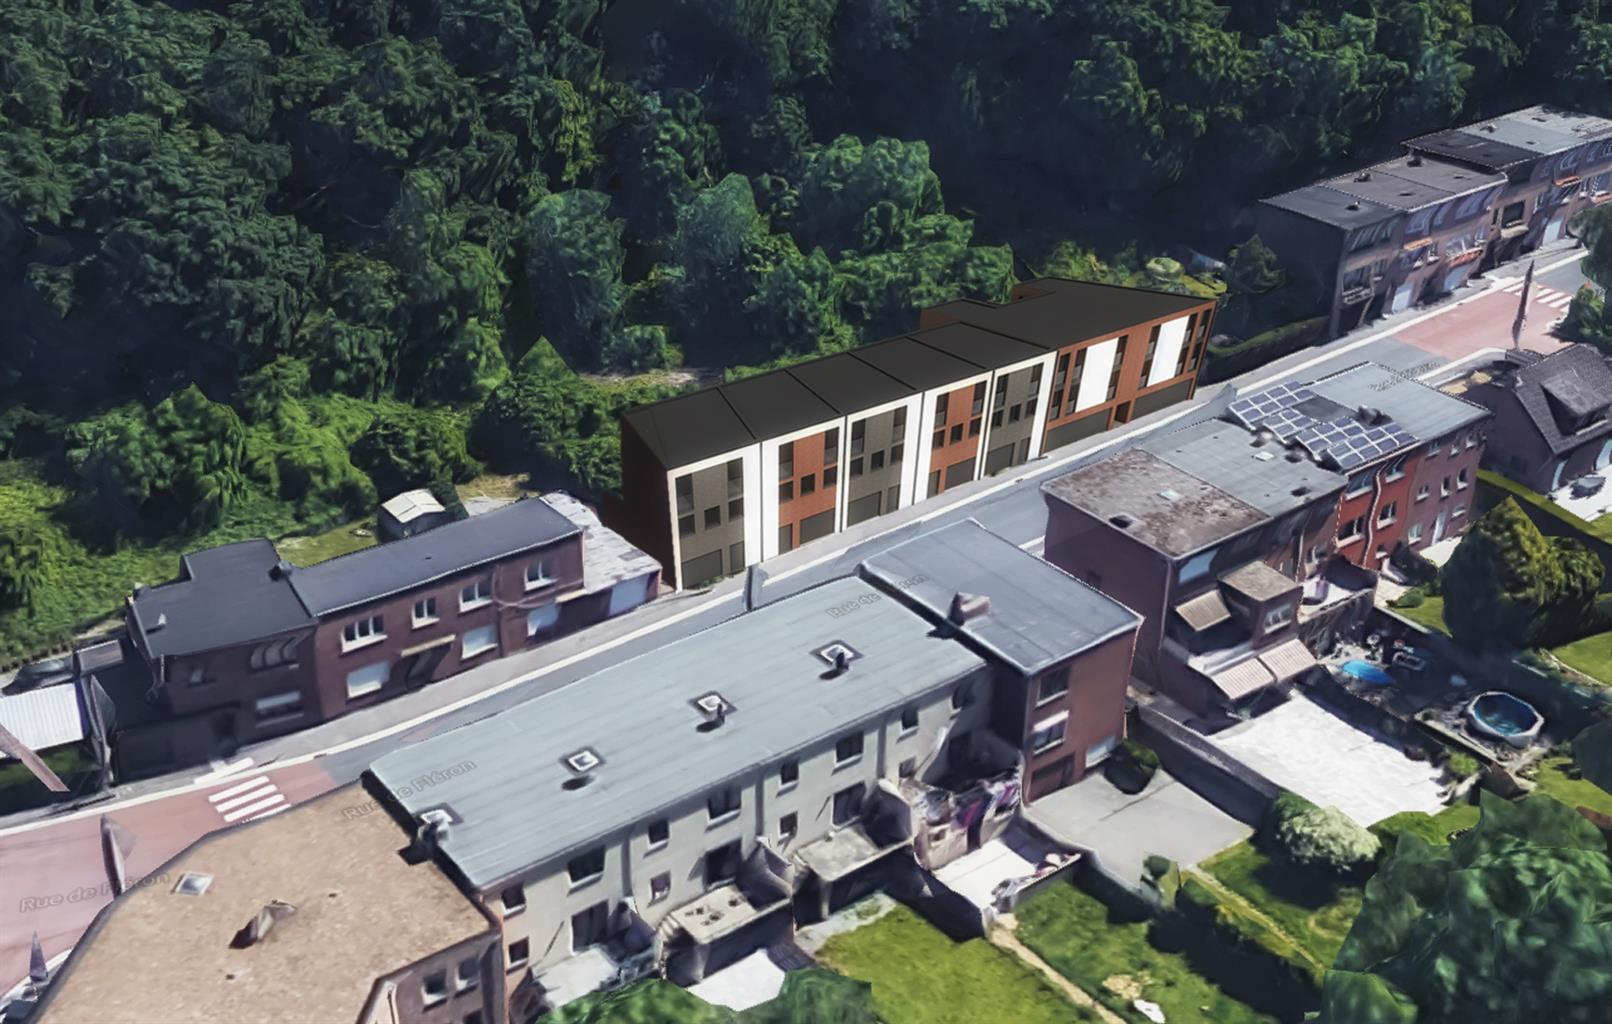 Terrain à bâtir (projets) - Liège Jupille-sur-Meuse - #4447739-9